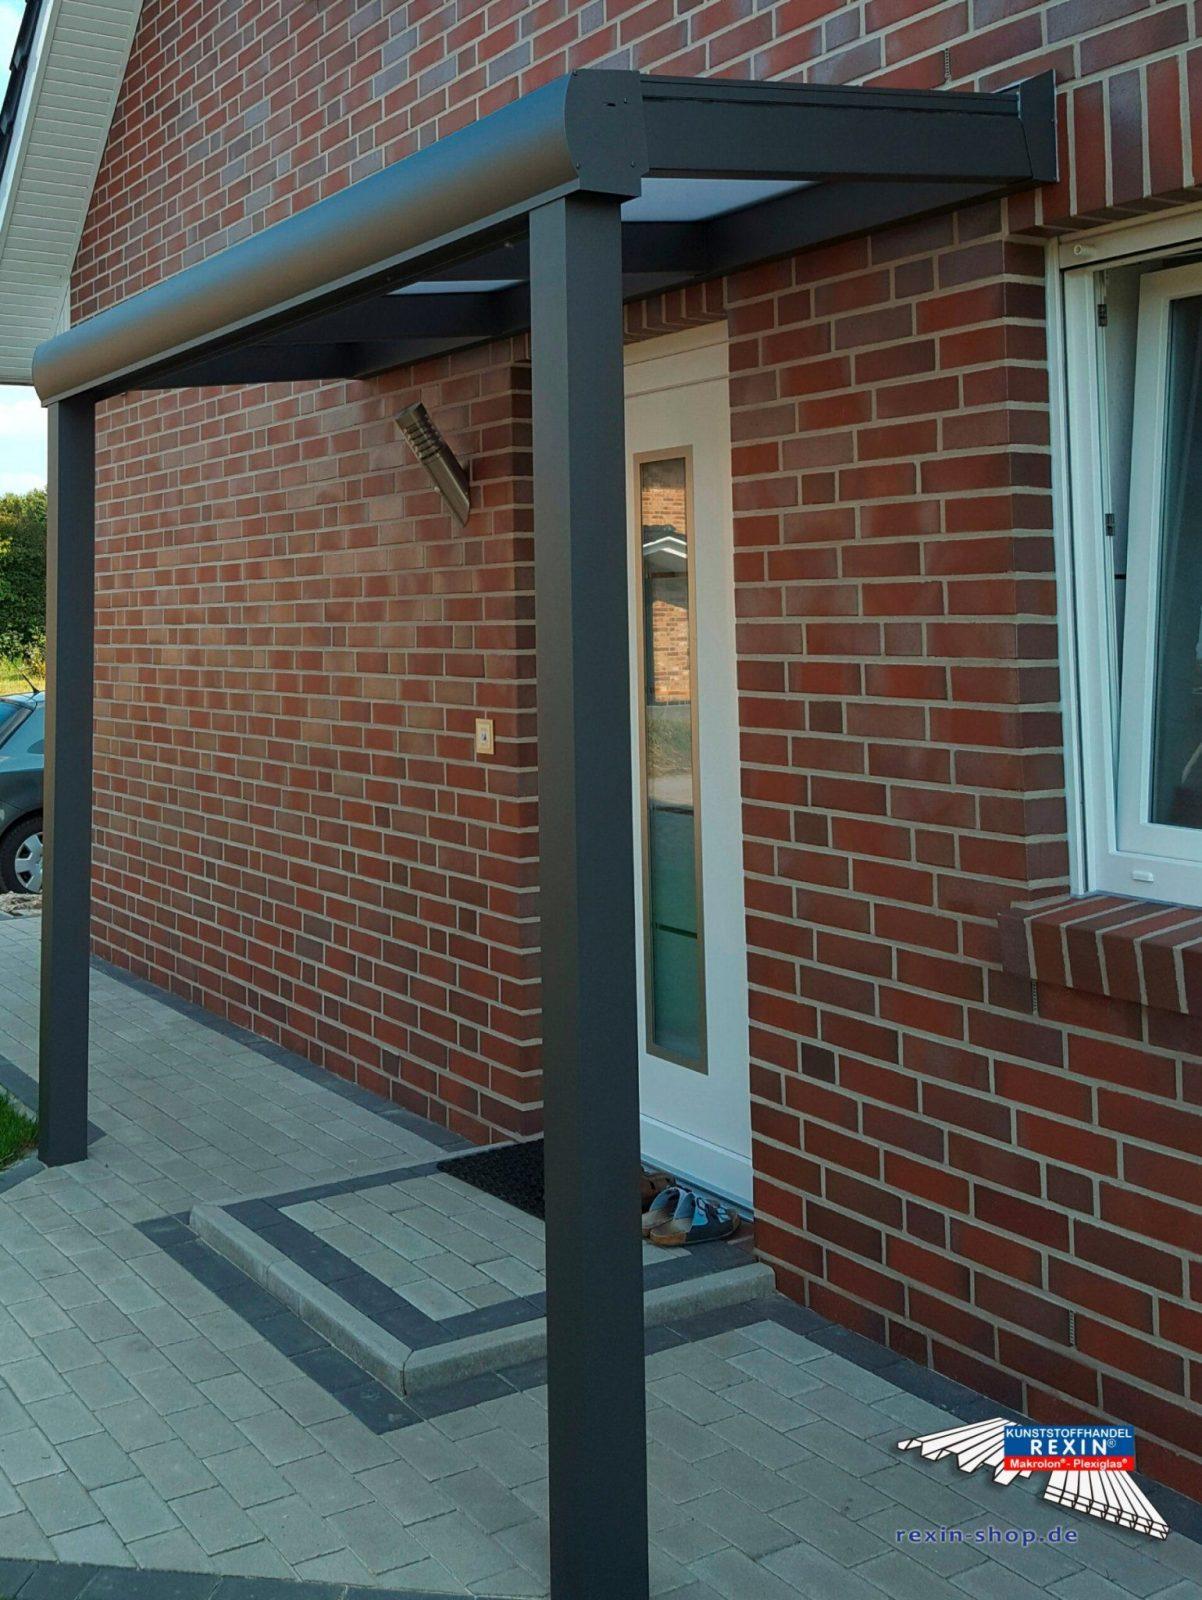 Wind Und Regenschutz Fur Balkon Windschutz Wetterschutz Mester von Balkon Regenschutz Selber Bauen Bild